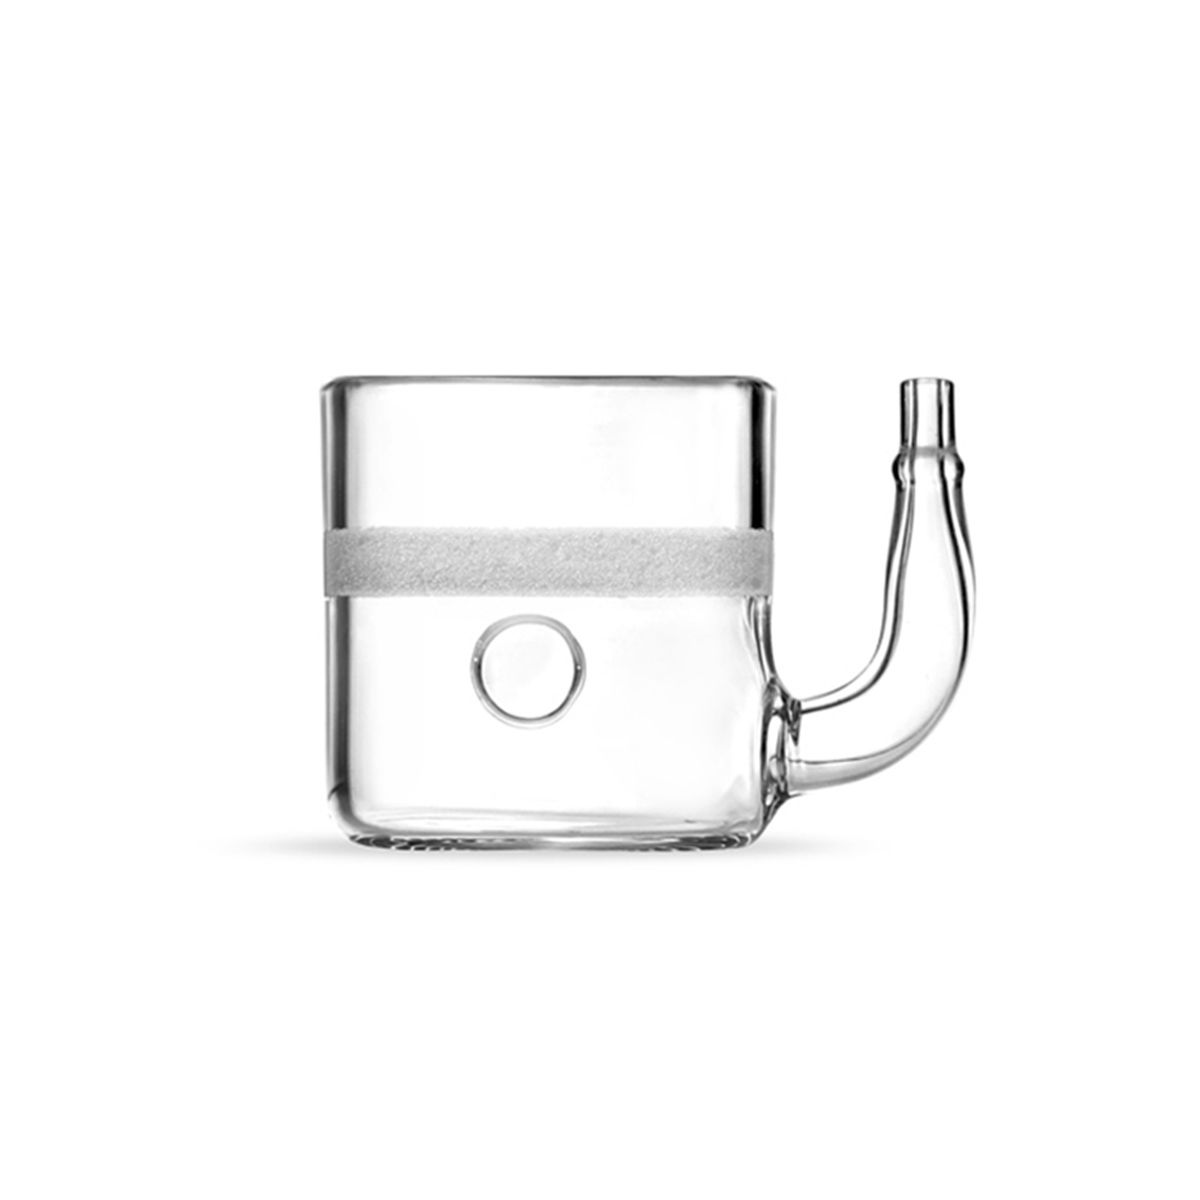 Seachem difusor de CO2 Beetle Diffuser de vidro 27MM